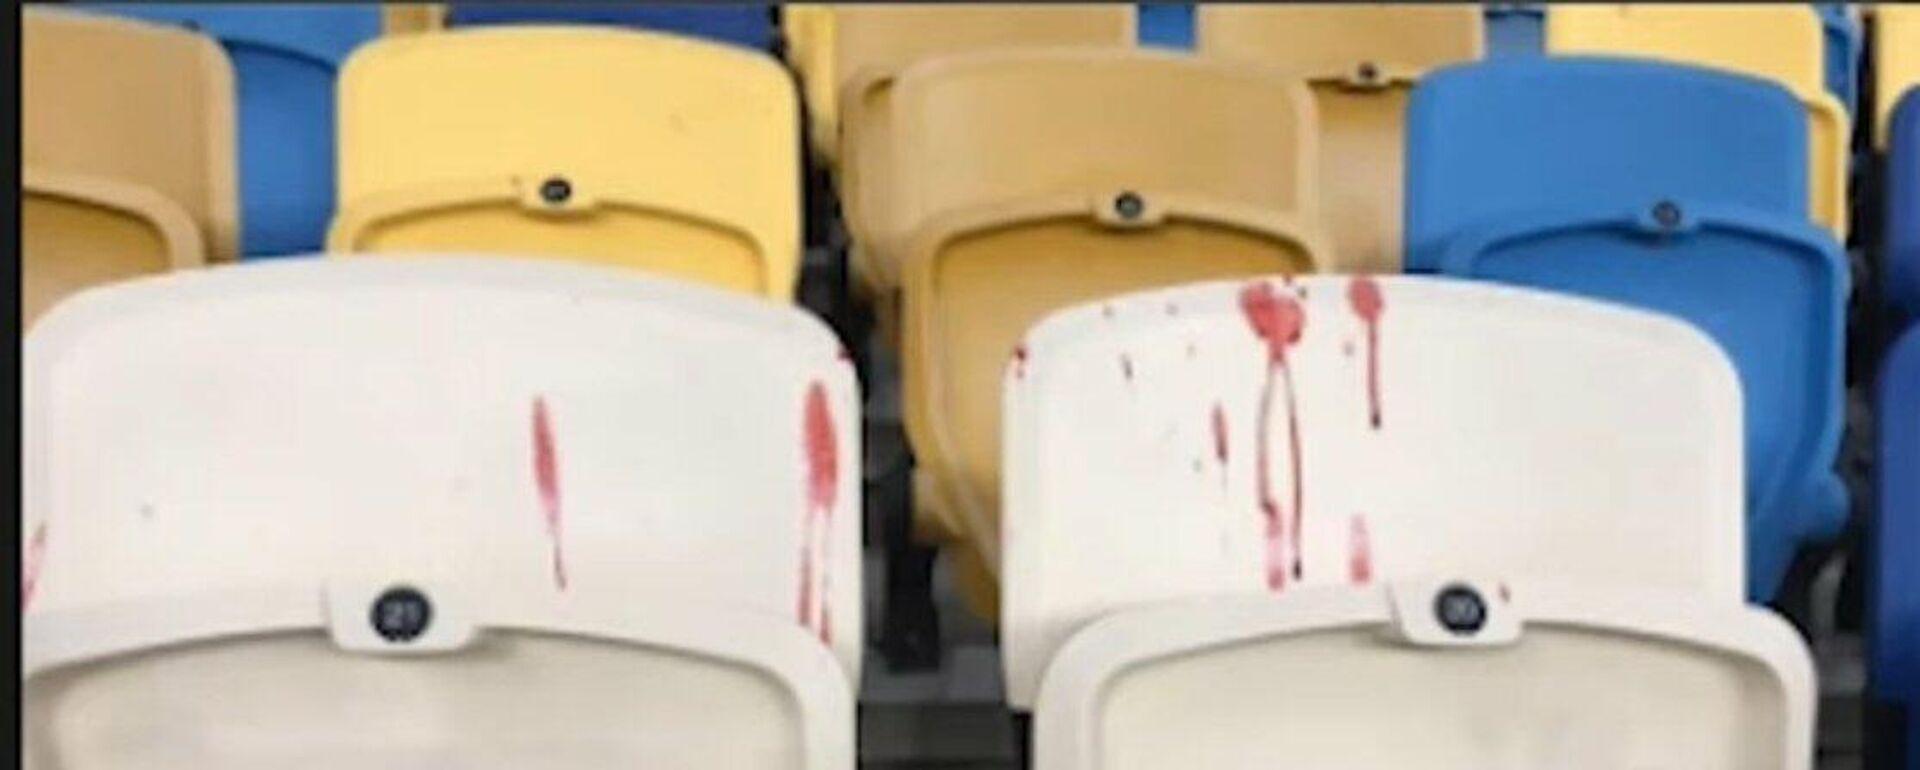 Καθίσματα με αίμα στην Ουκρανία - Sputnik Ελλάδα, 1920, 21.09.2021